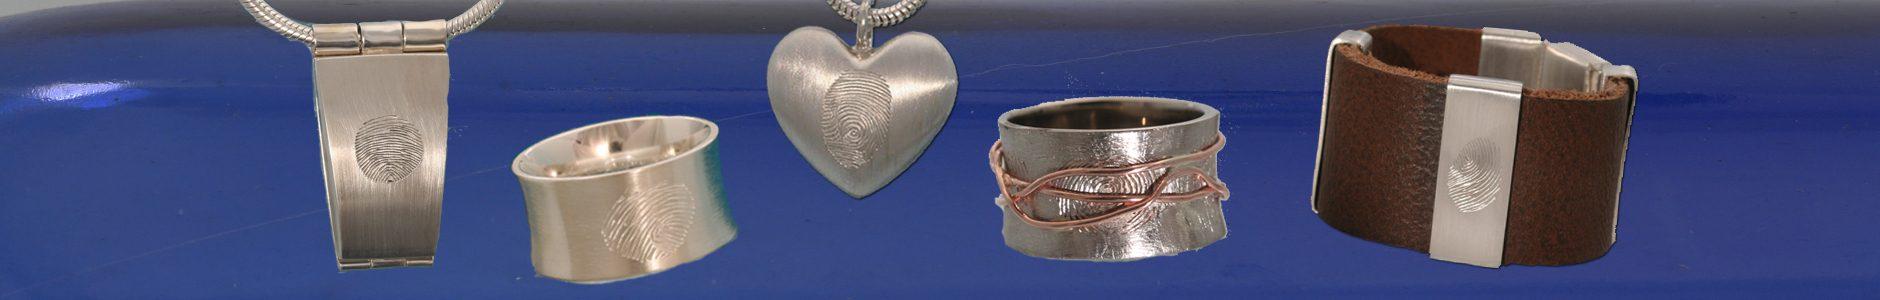 Last Touch.Een medaillon met een vingerafdruk, een ring met een vingerafdruk, een wikkelring met onder de roodgouden draad een vingerafdruk en een lederen armband met een zilveren lus, met hierop een vingerafdruk